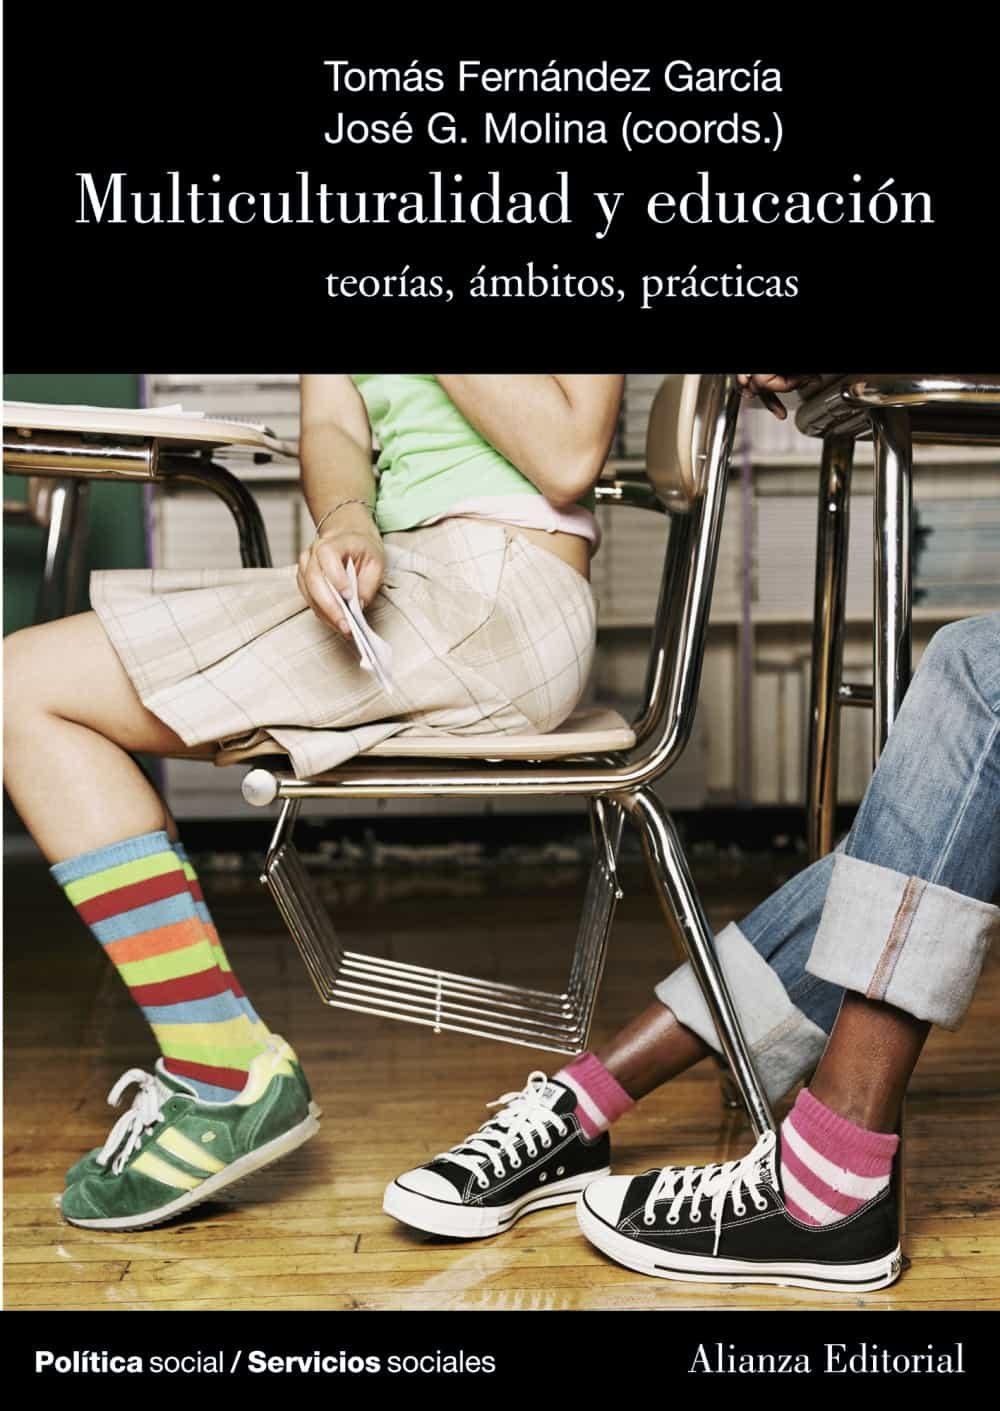 Multiculturalidad Y Educacion: Teorias, Ambitos, Practicas por Tomas Fernandez Garcia;                                                                                    Jose G. Molina